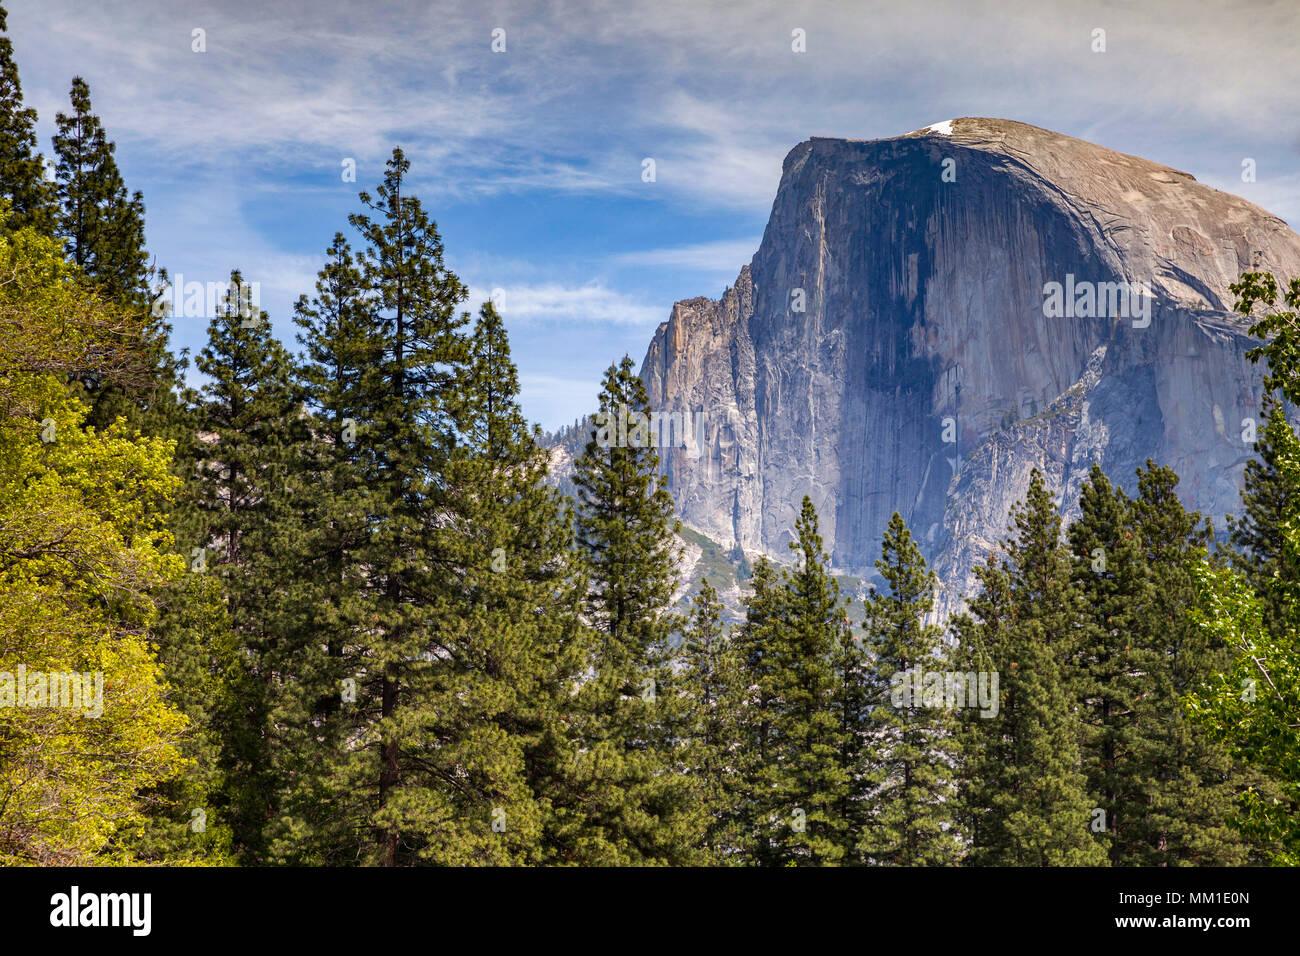 Half Dome, parc national de Yosemite, Californie, États-Unis. Banque D'Images